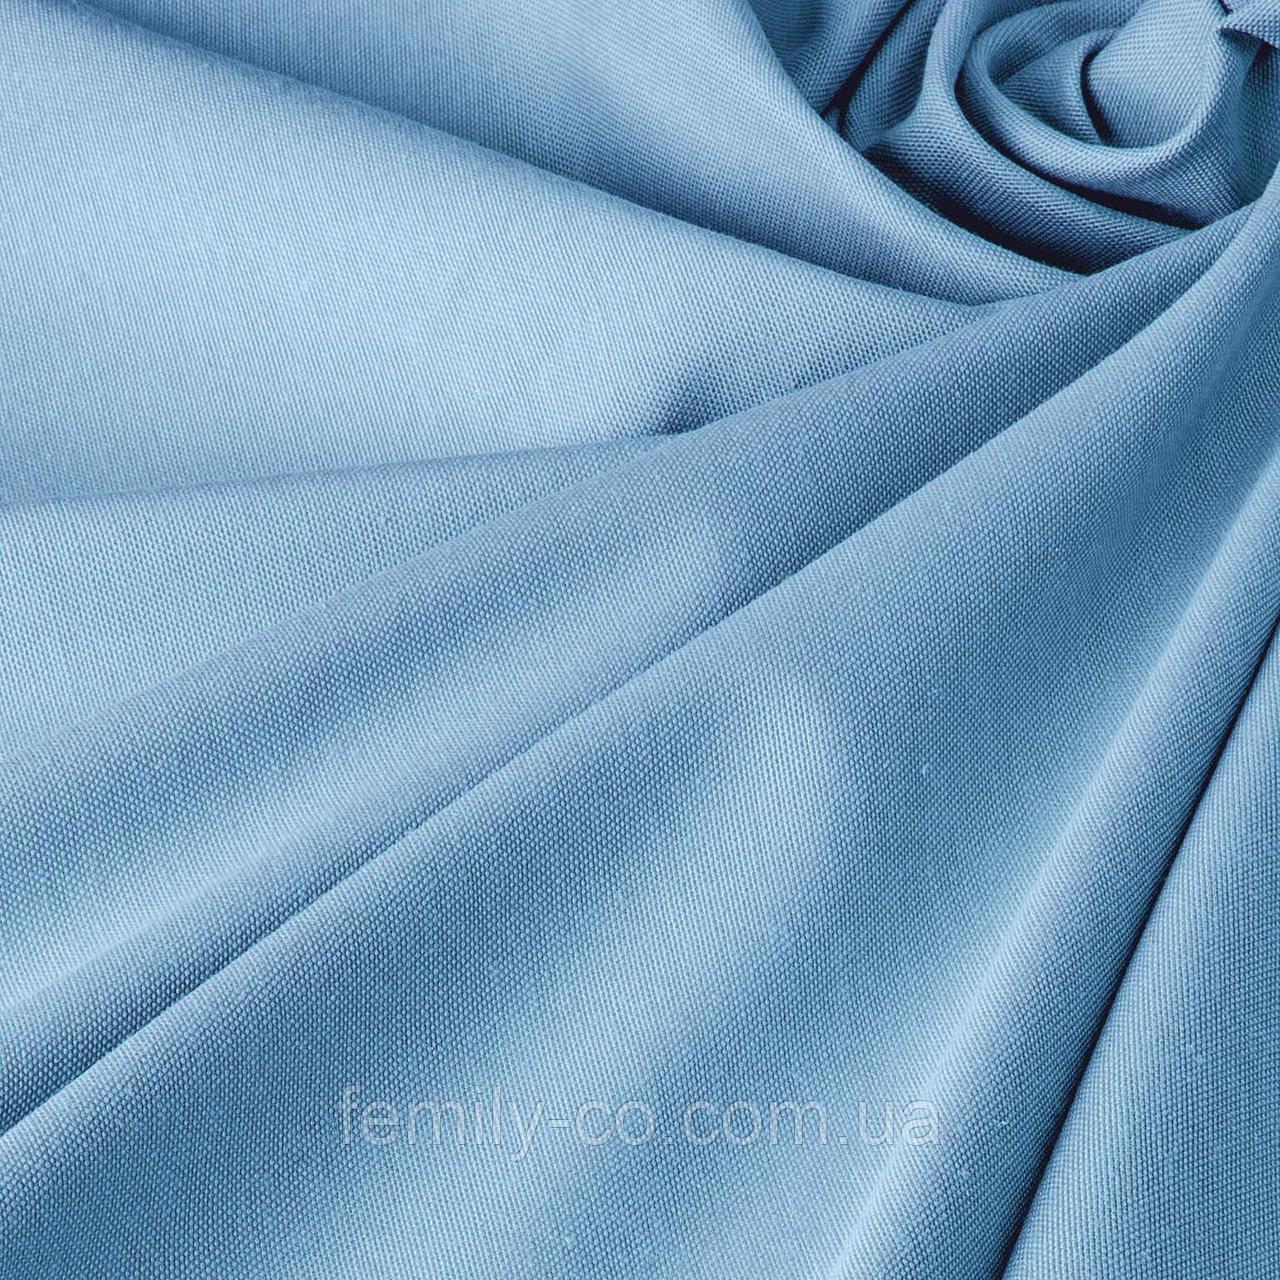 Однотонная декоративная ткань небесно-голубого цвета с тефлоном 81138